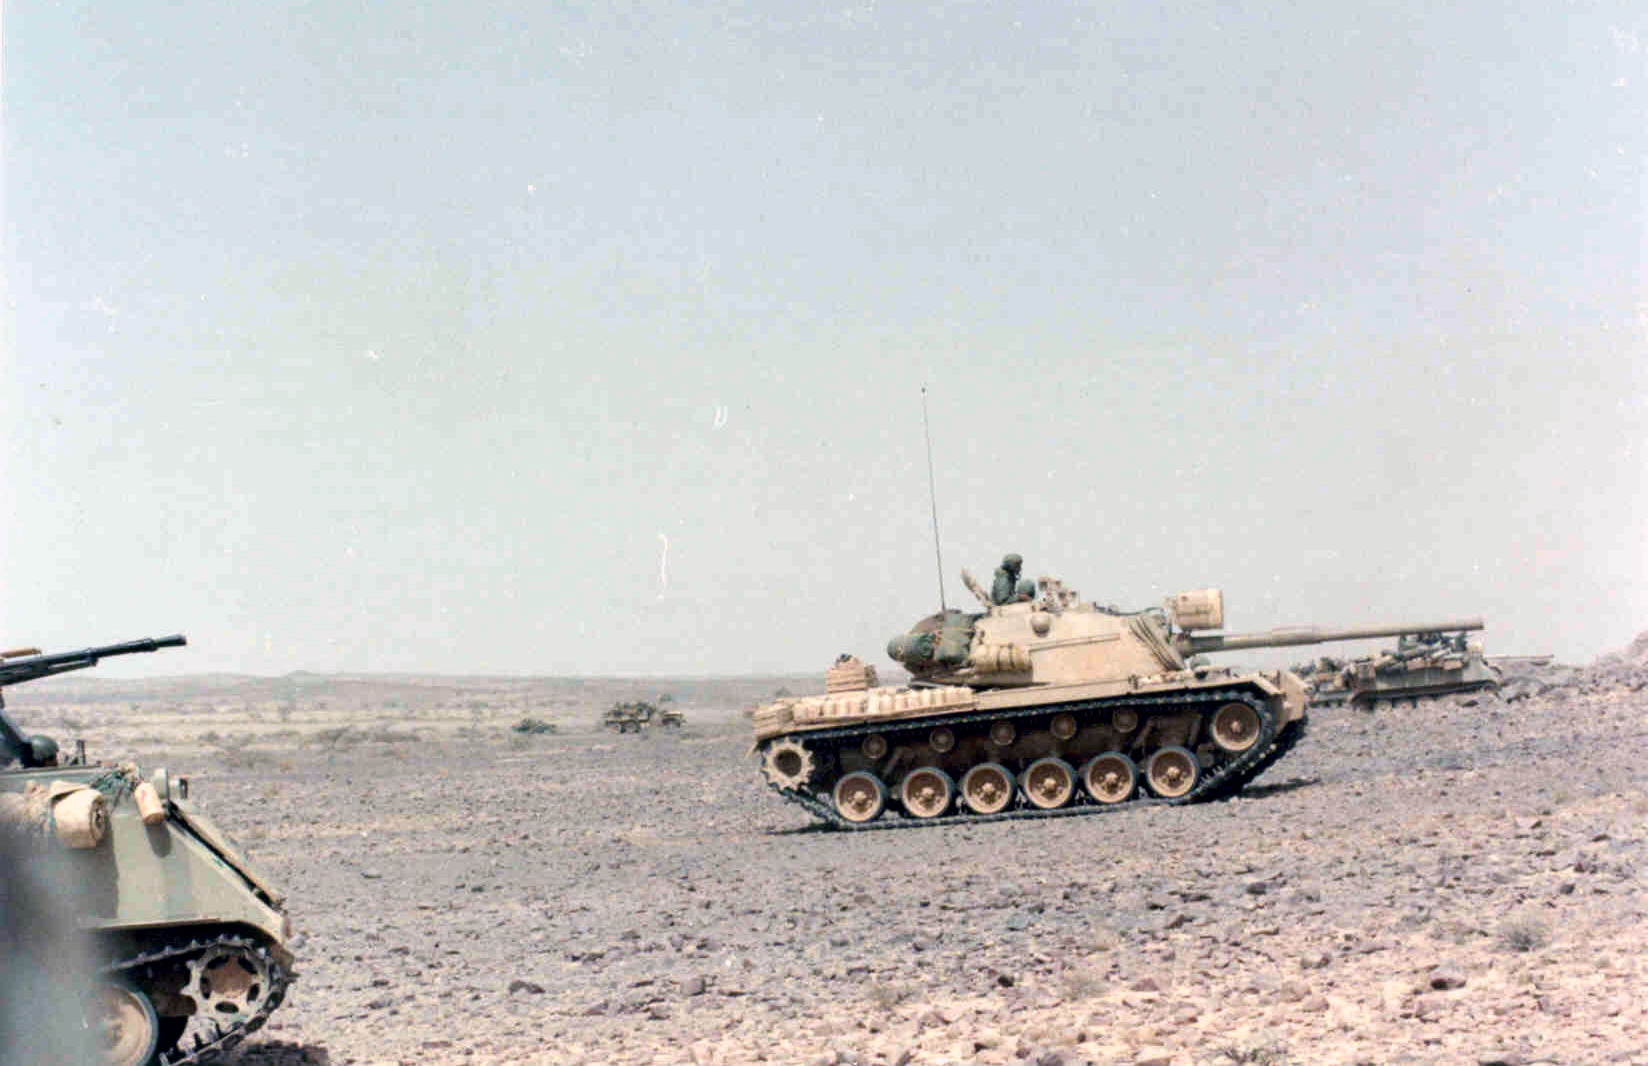 La Bataille de Farsia - 18 novembre 1987 50614975888_6f0a1ab743_o_d